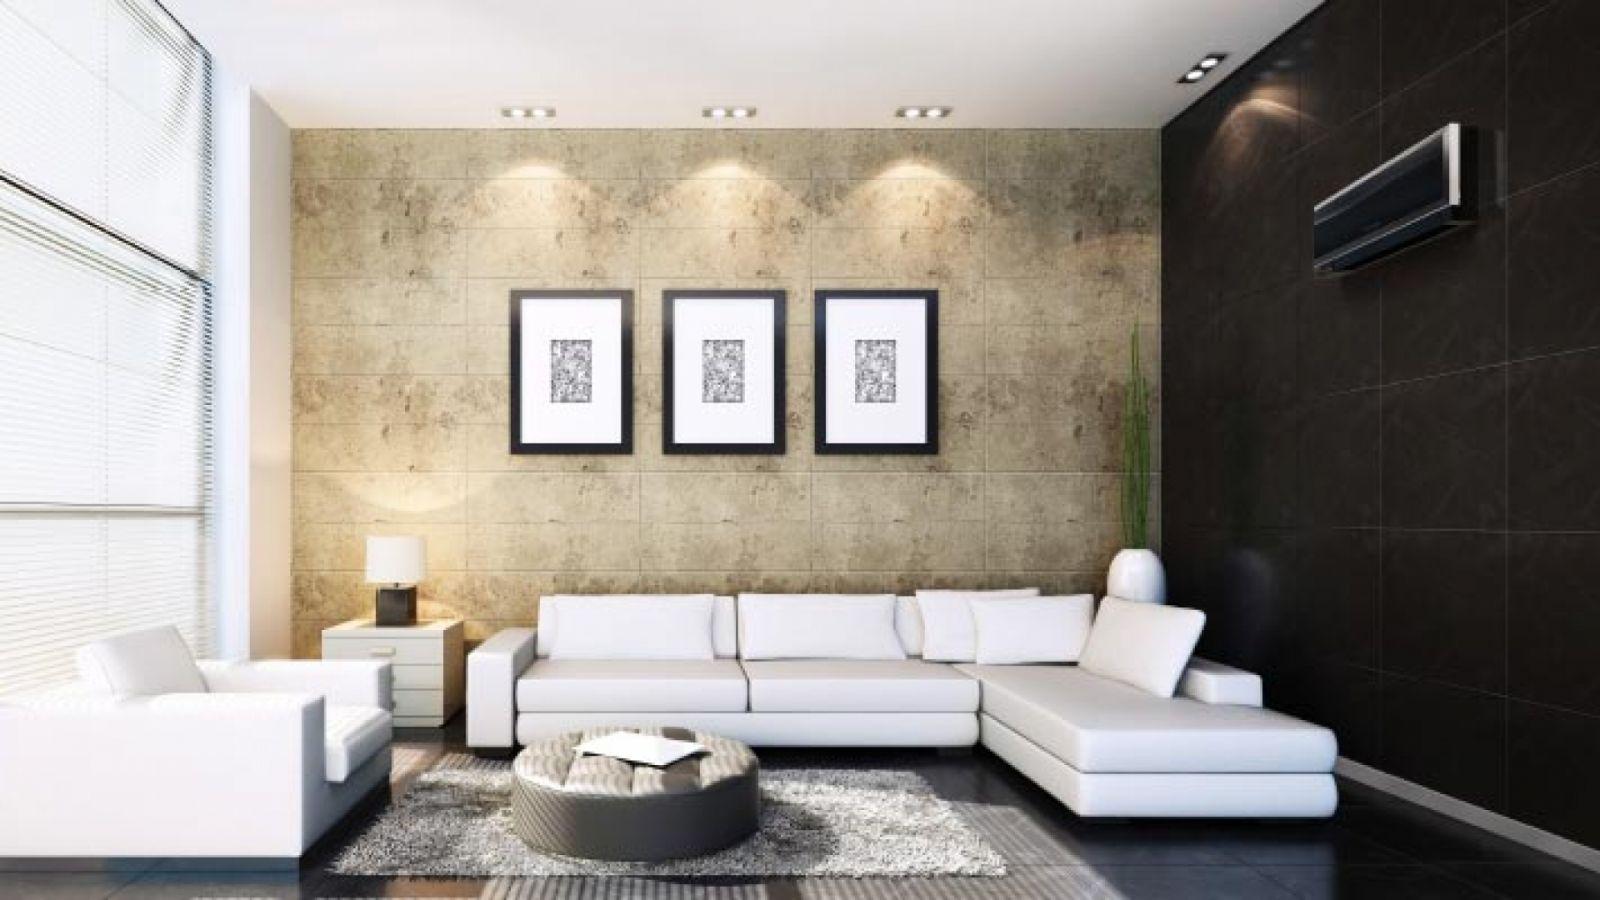 comment fonctionne une pompe a chaleur air air installation climatisation bassin d 39 arcachon. Black Bedroom Furniture Sets. Home Design Ideas